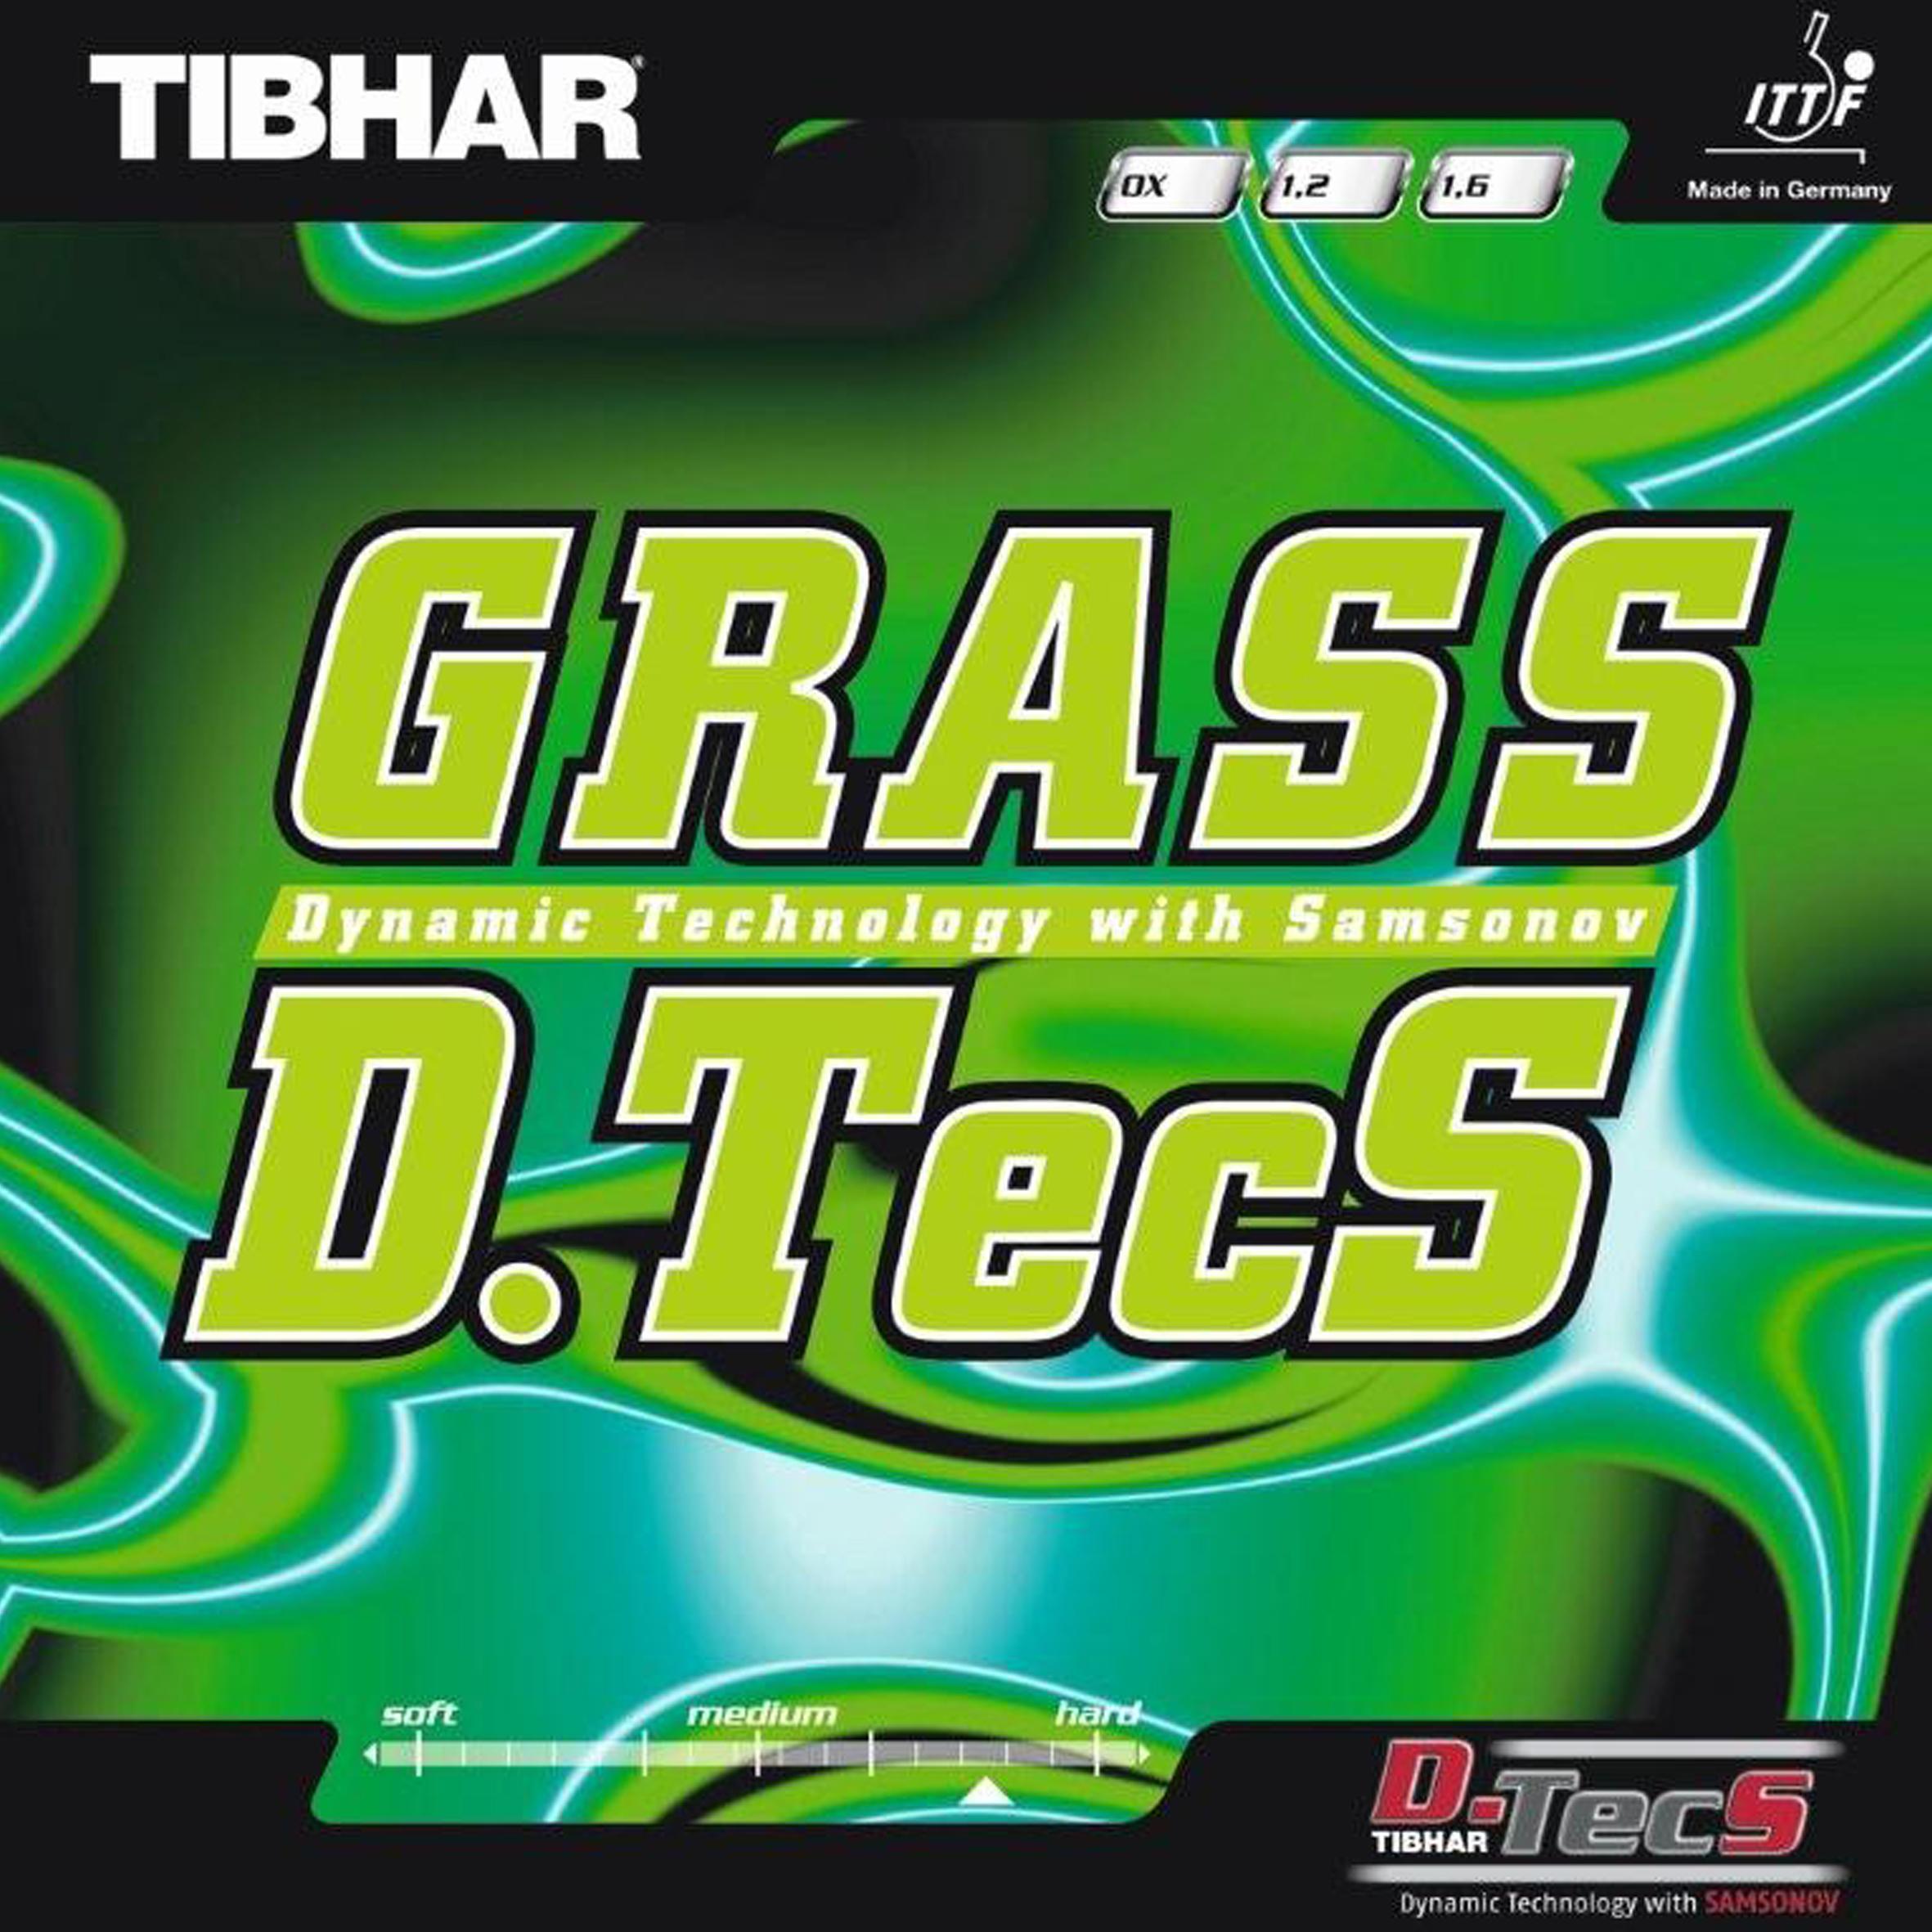 Față Paletă GRASS D.TECS imagine